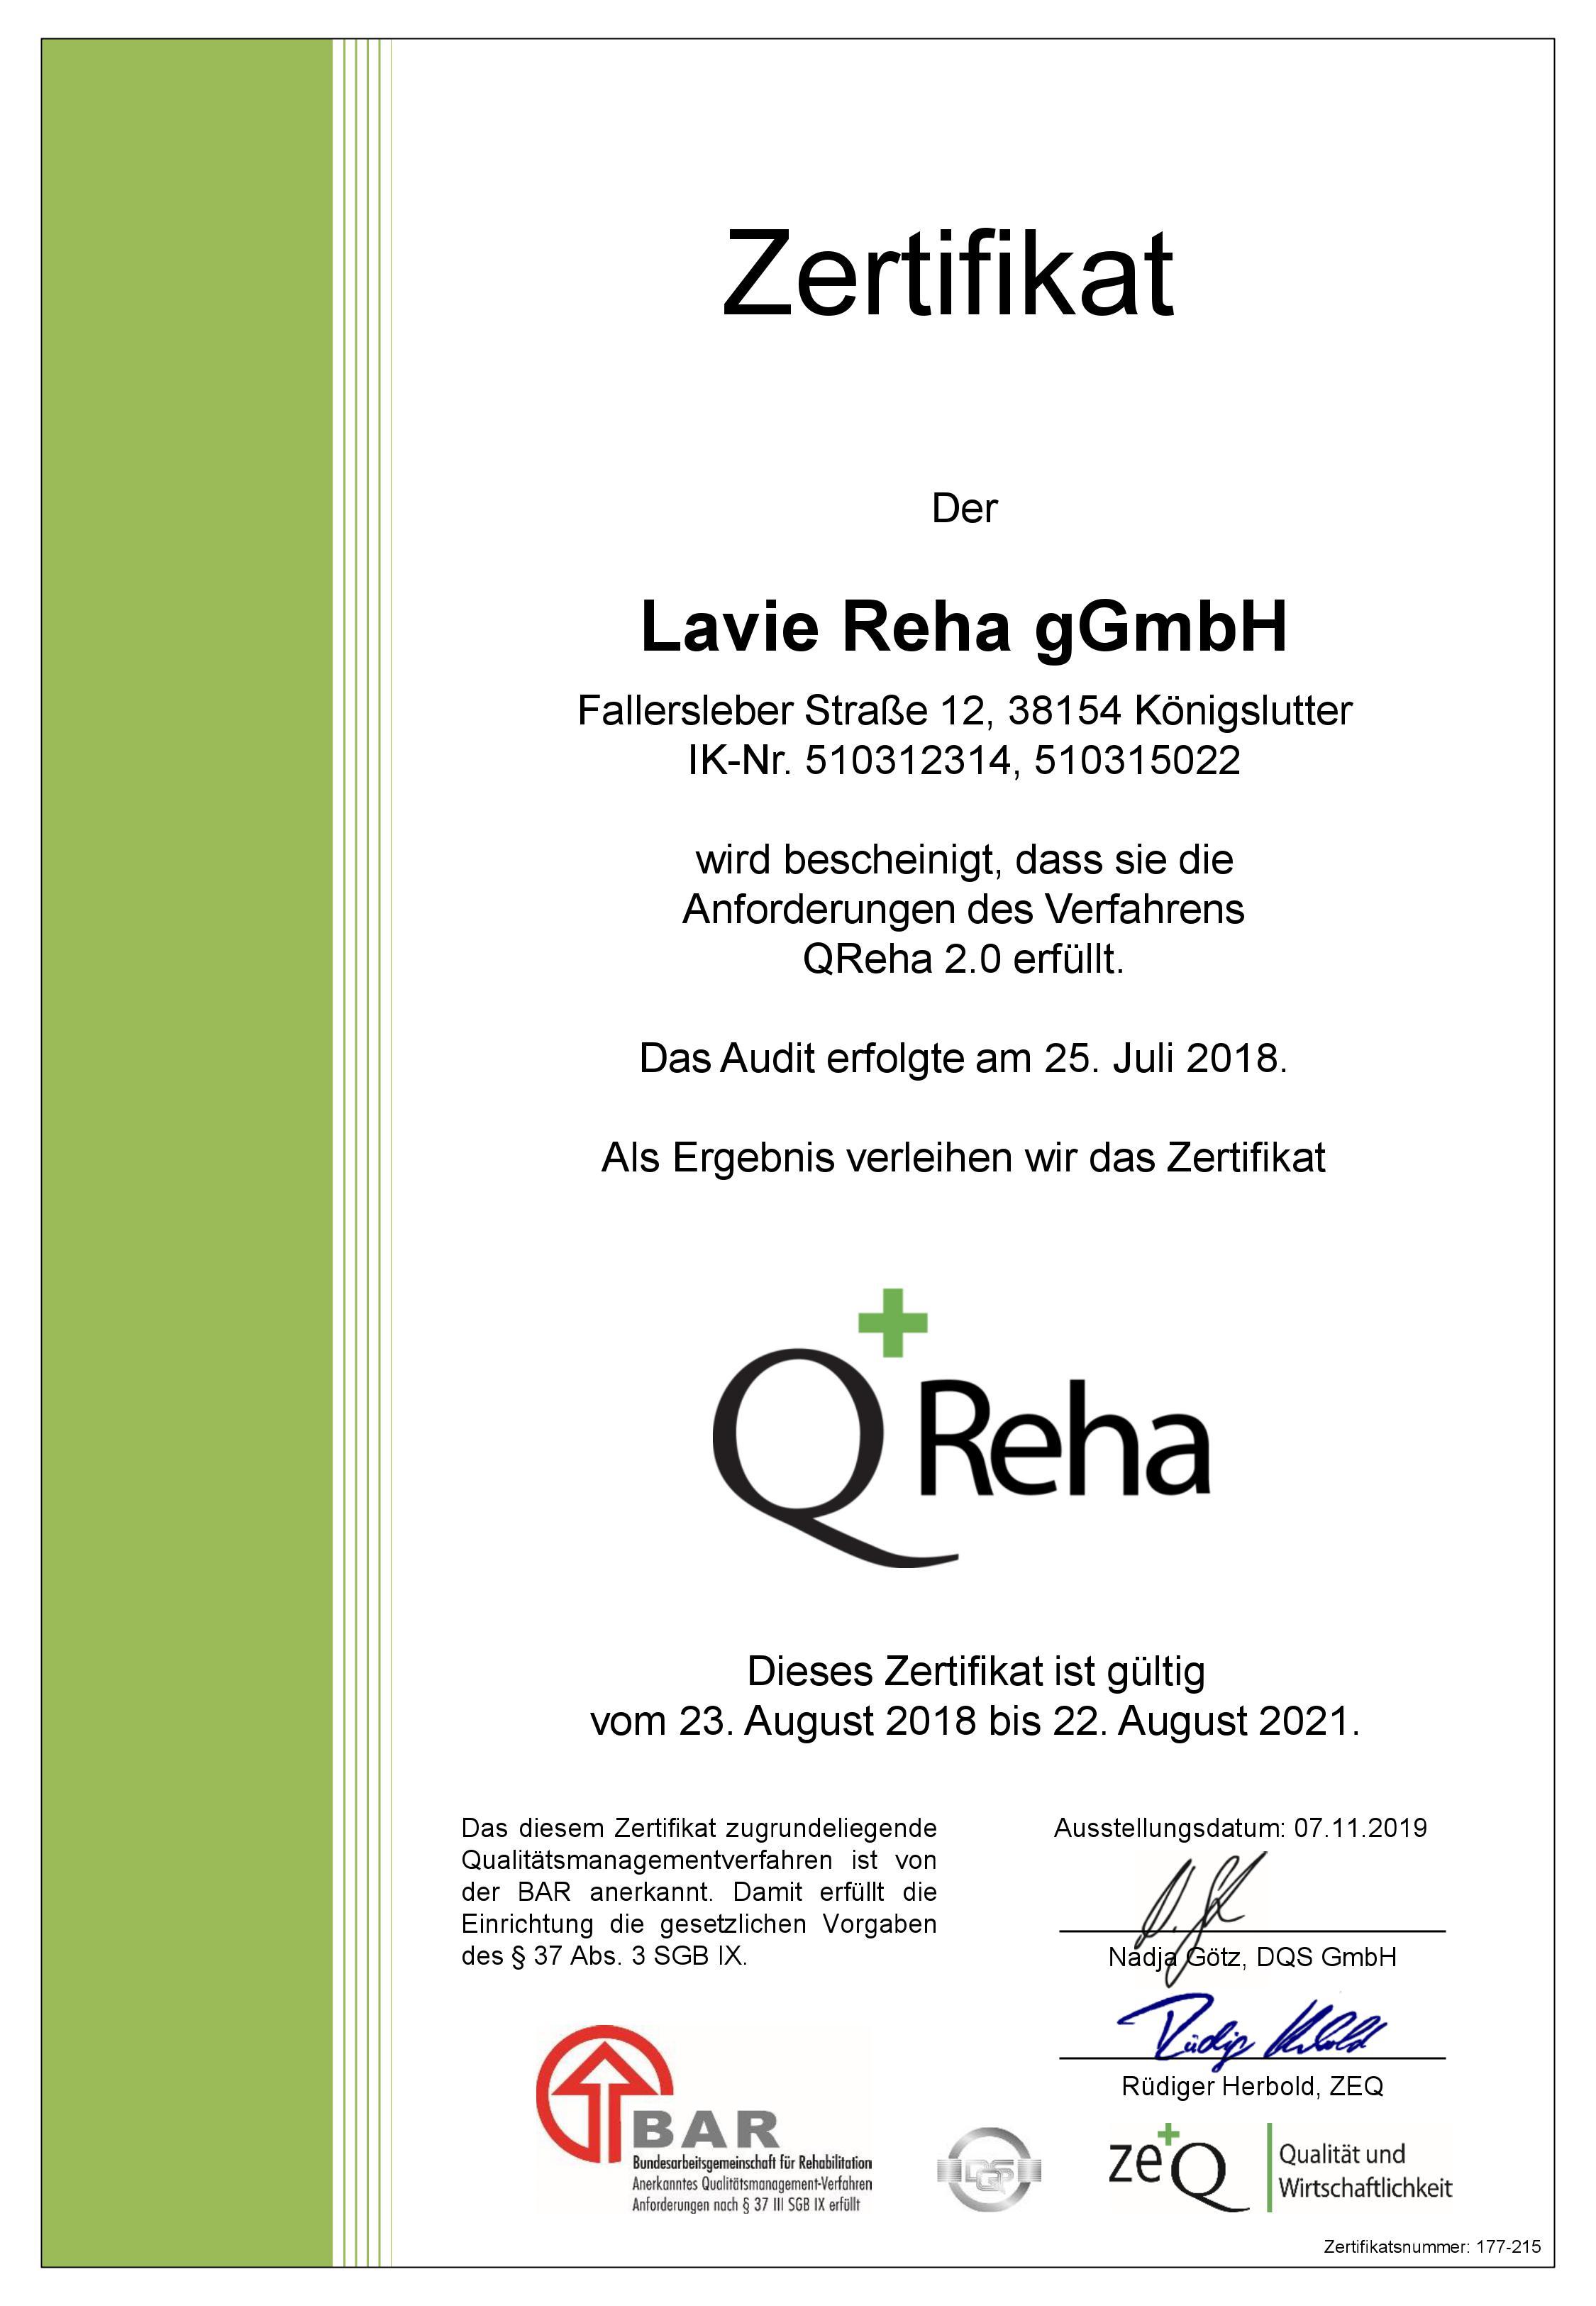 Zertifikat QReha